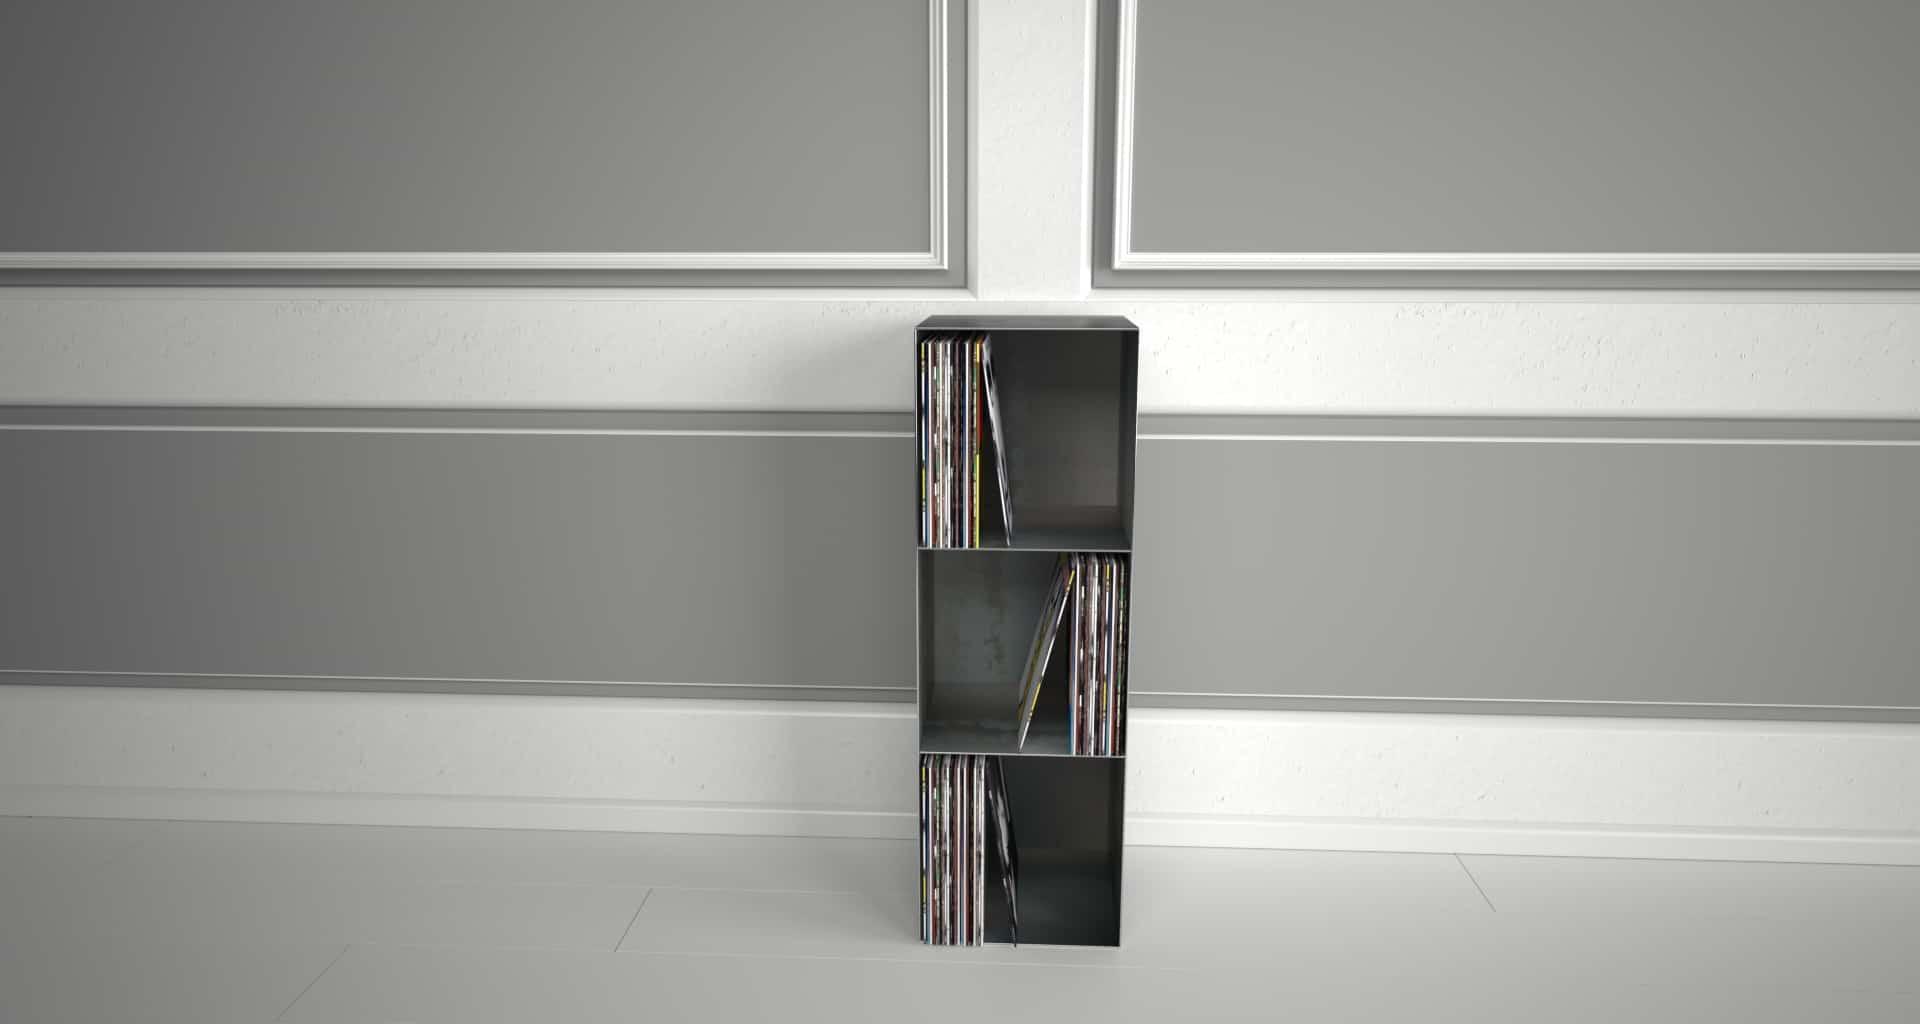 Design Metallmöbel Vinyl-Platten-Regal Mehrzweck-Aufbewahrung aus Stahl Stahlzart